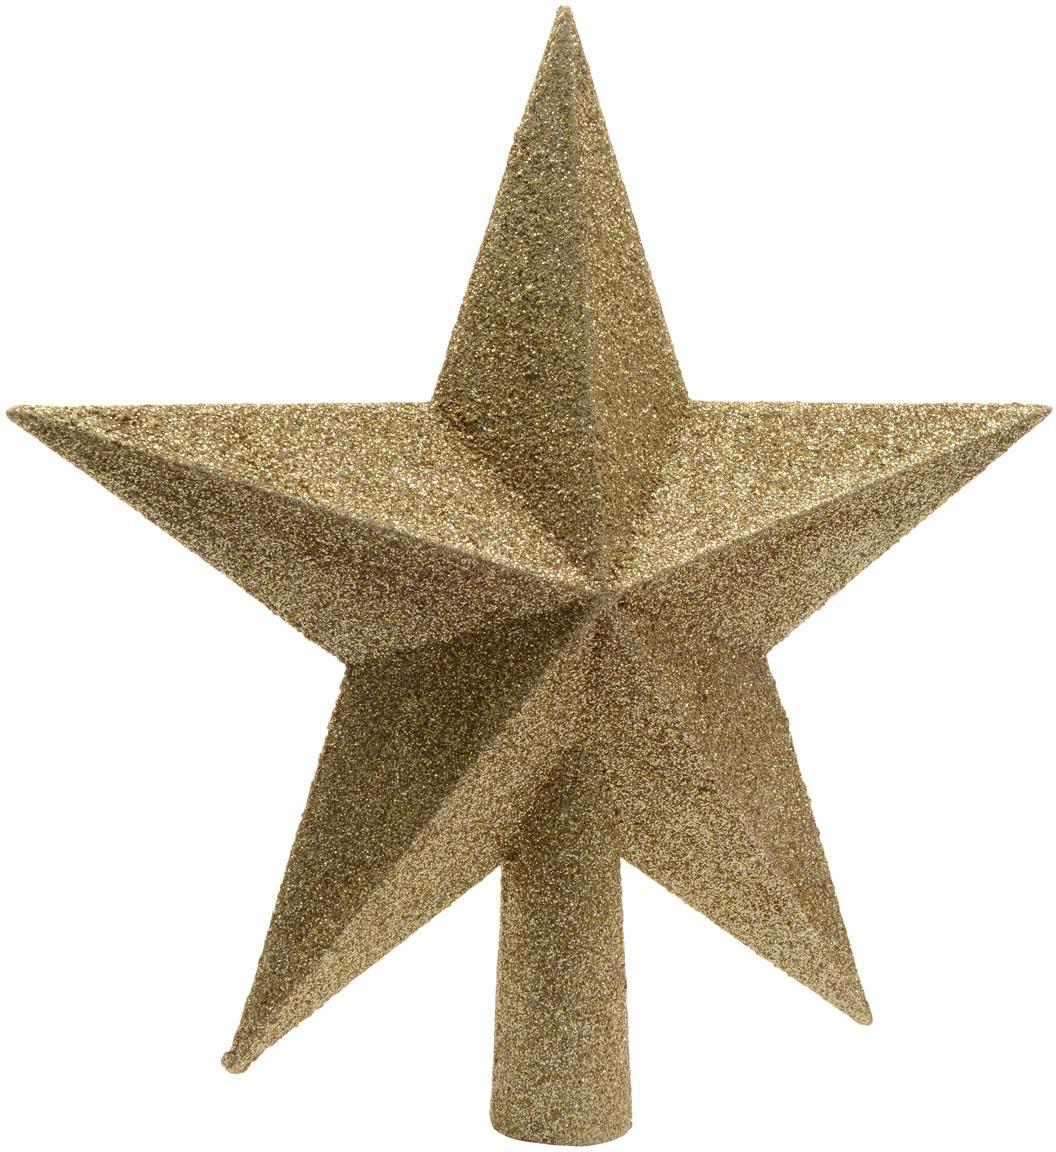 Tope de árbol de Navidad Morning Star, Plástico, Dorado, Ø 19 cm